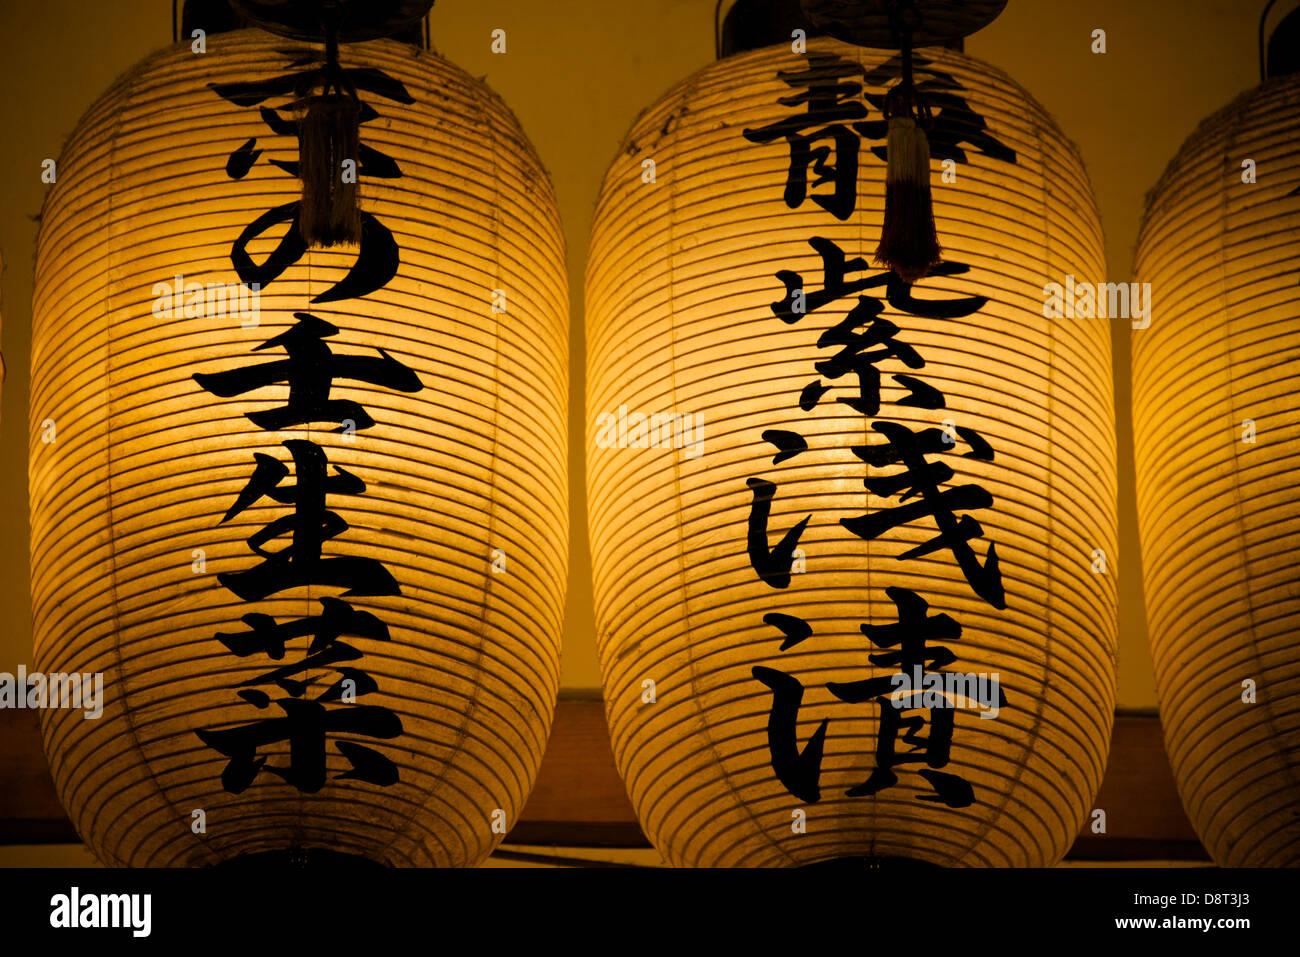 Illuminated Japanese lanterns, Japan - Stock Image